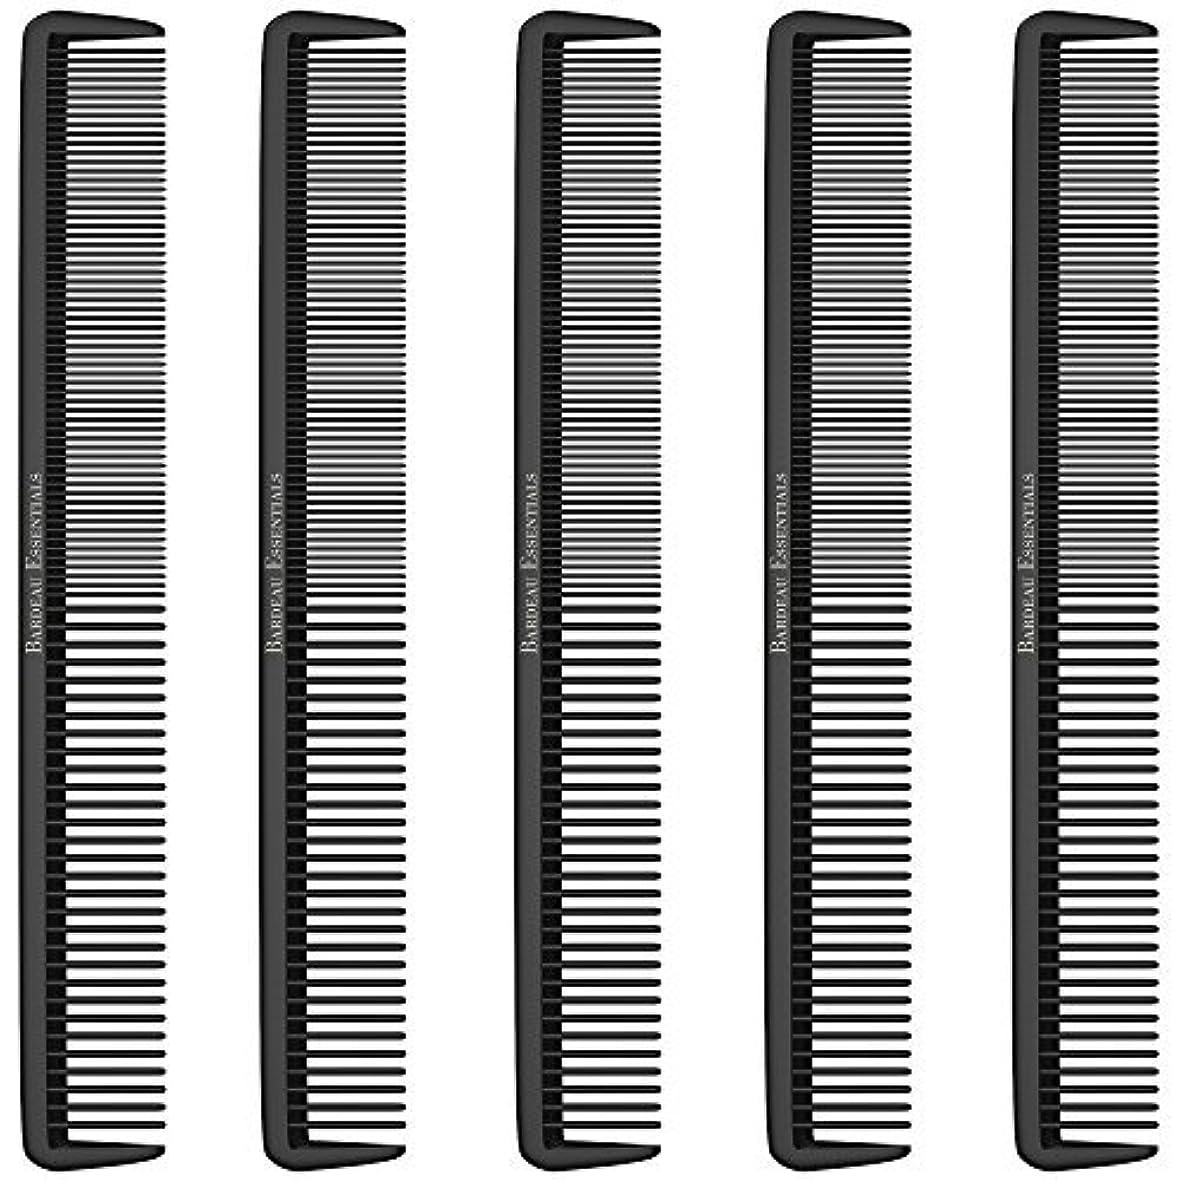 酸拡散する作業Styling Comb (5 Pack) - Professional 8.75  Black Carbon Fiber Anti Static Chemical And Heat Resistant Hair Combs...